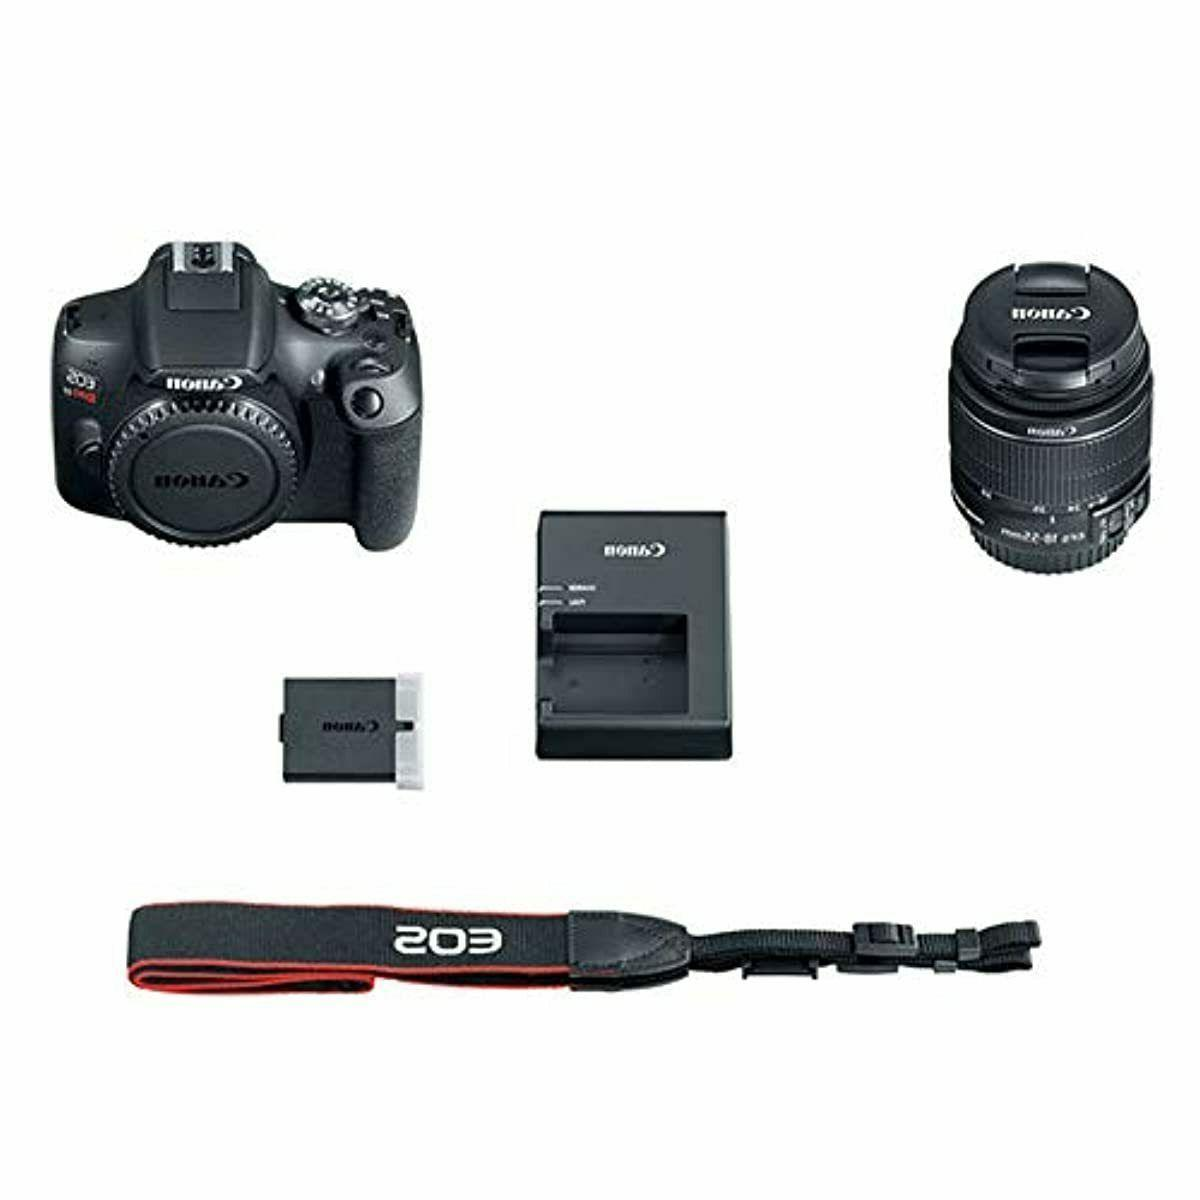 DSLR Camera EF-S 18-55mm is